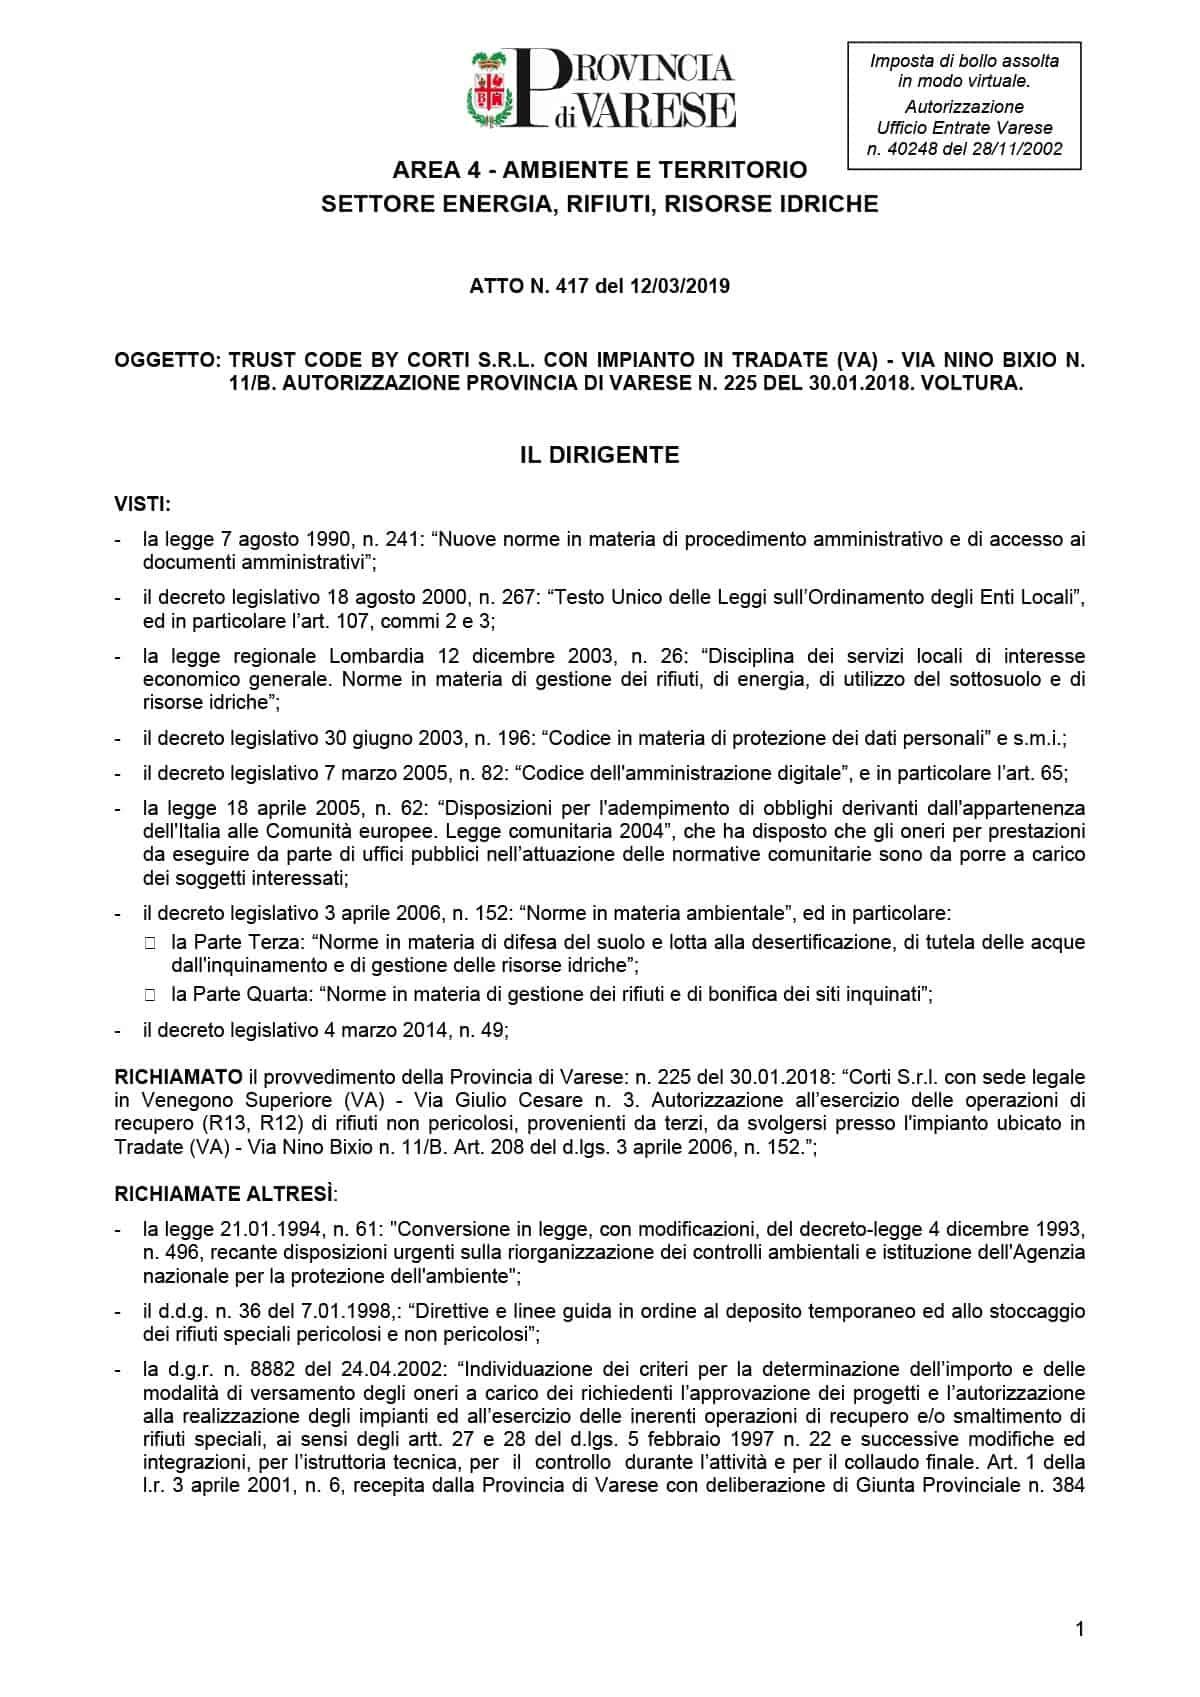 Archiviazione e distruzione di documenti su supporto cartaceo e non